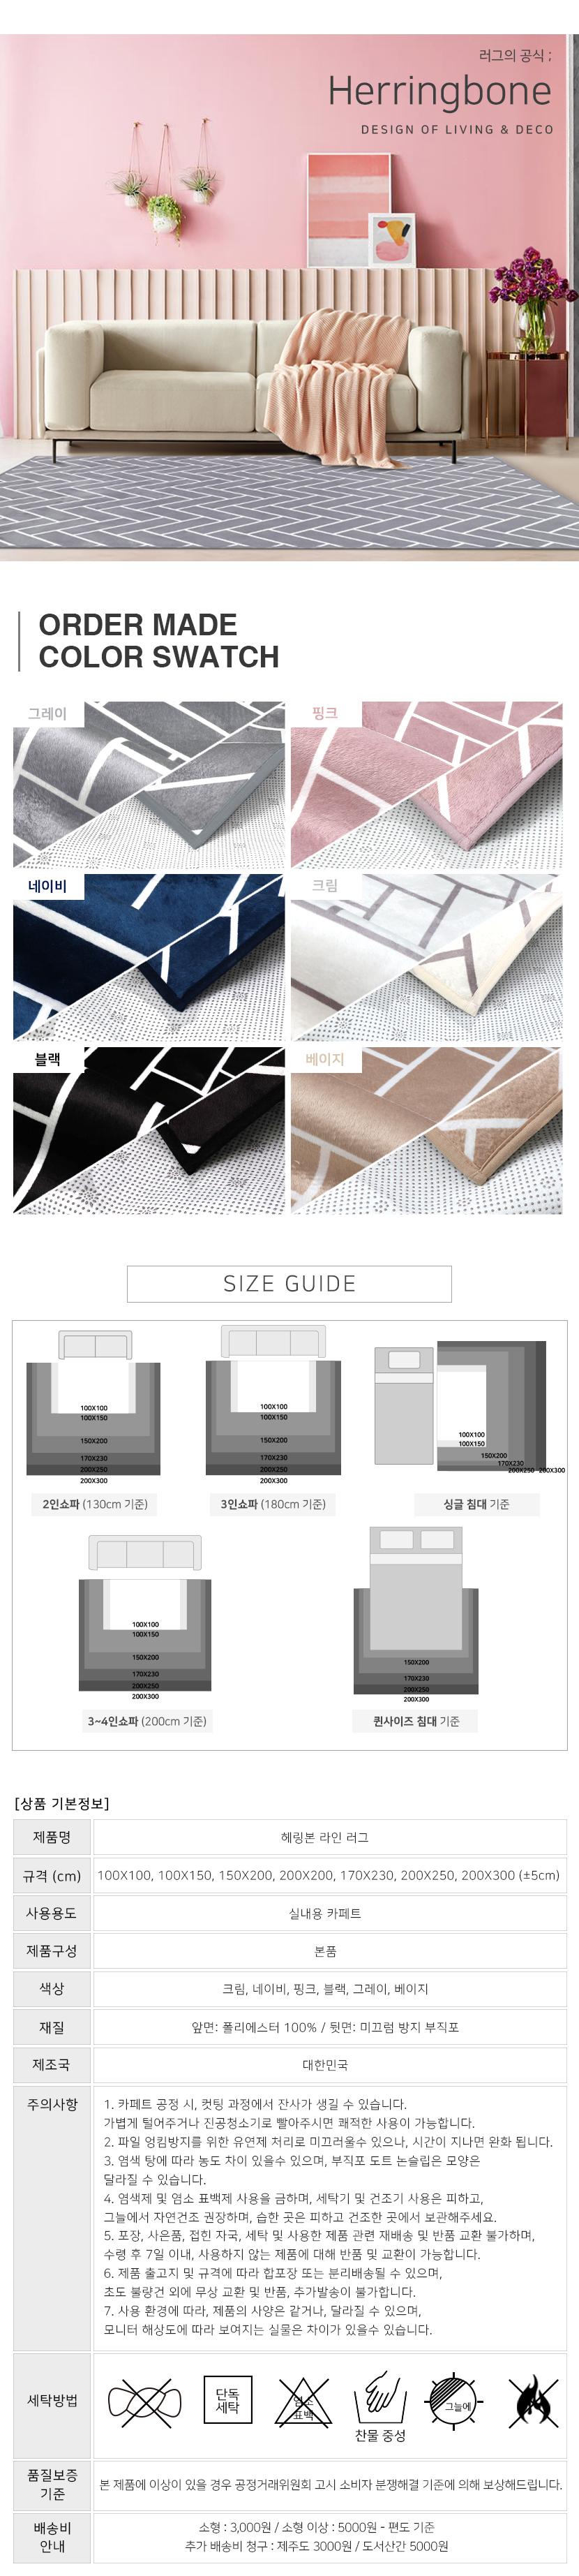 데코( 헤링본 러그 200X300 화이트 ) 물세탁 - 이정데코, 109,000원, 디자인러그, 디자인러그